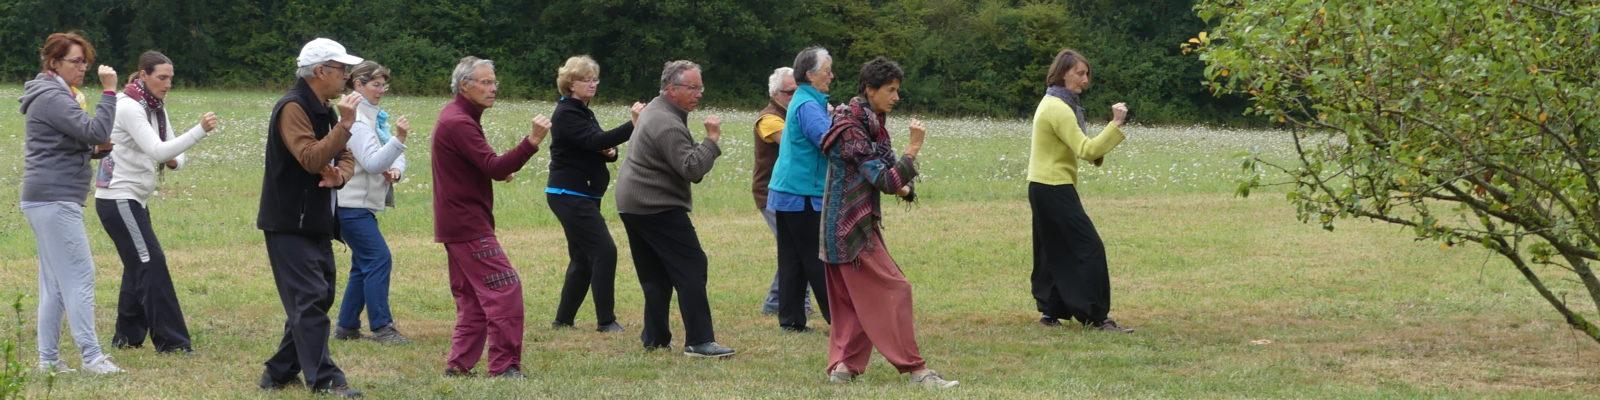 Nuages du Wudang – Taiji Quan et Qigong en Anjou